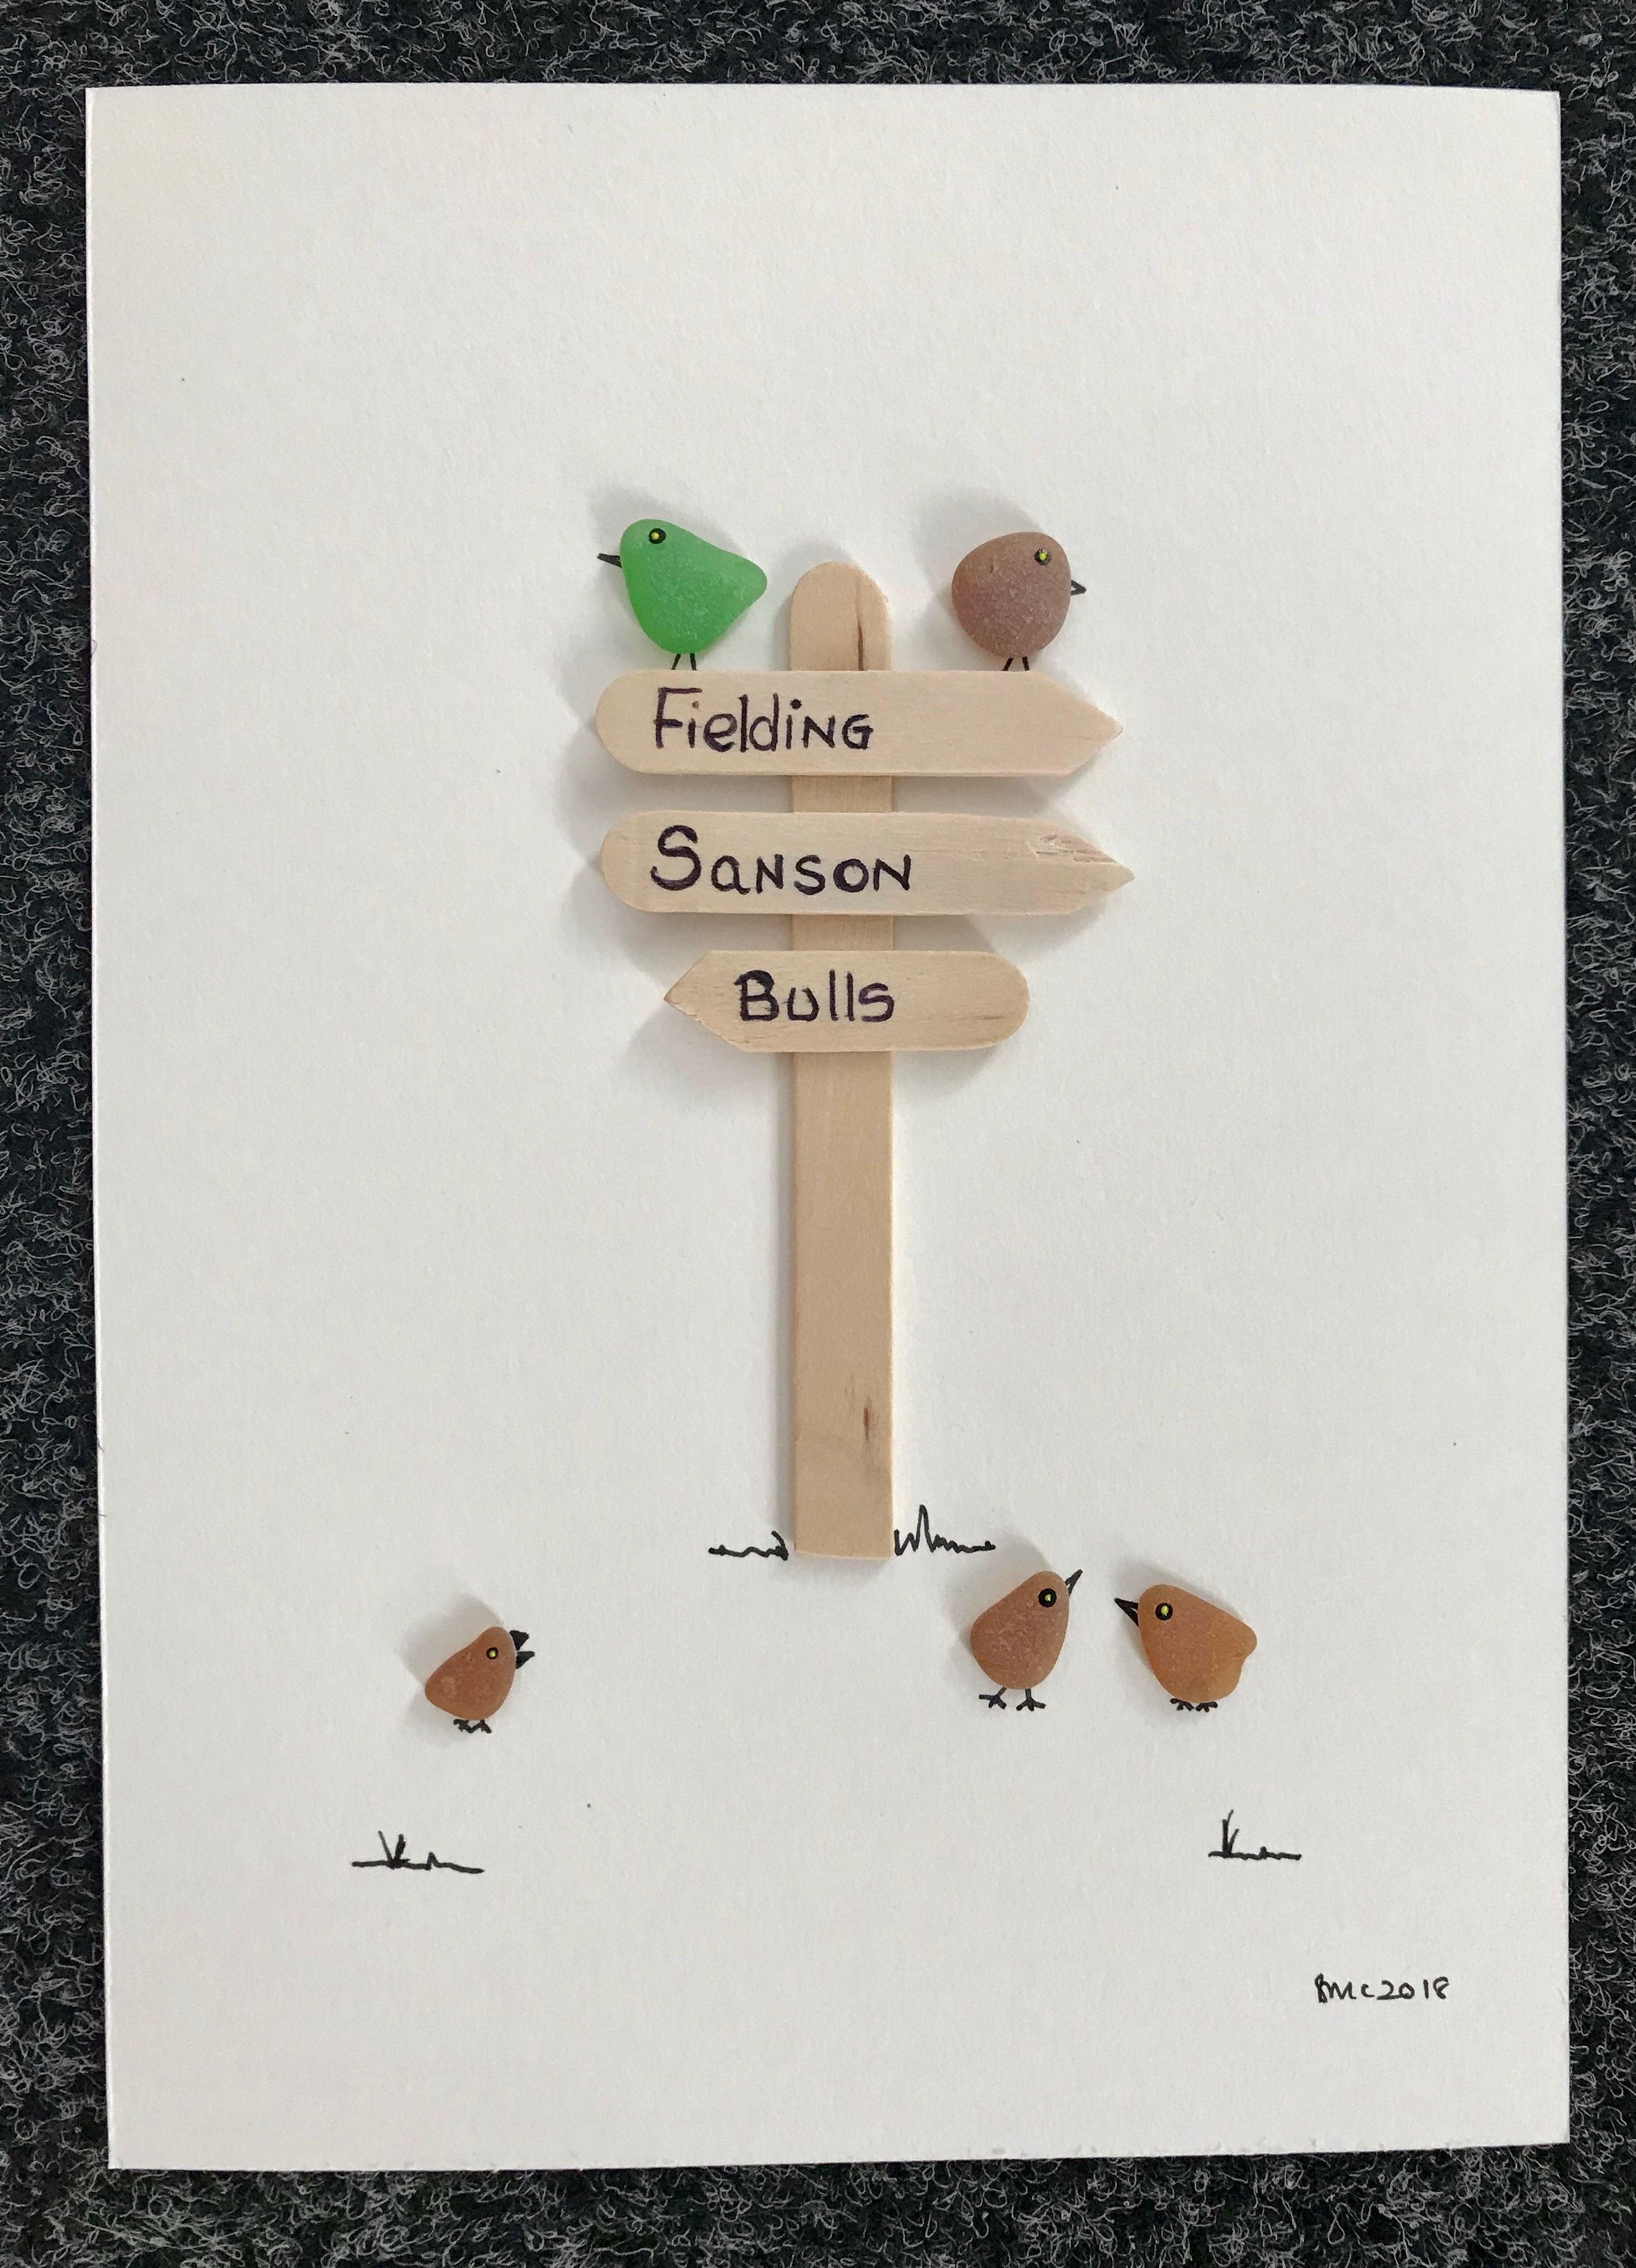 Pin Von Biggy Max Auf Stein Bilder Kieselsteinkunst Bastelideen